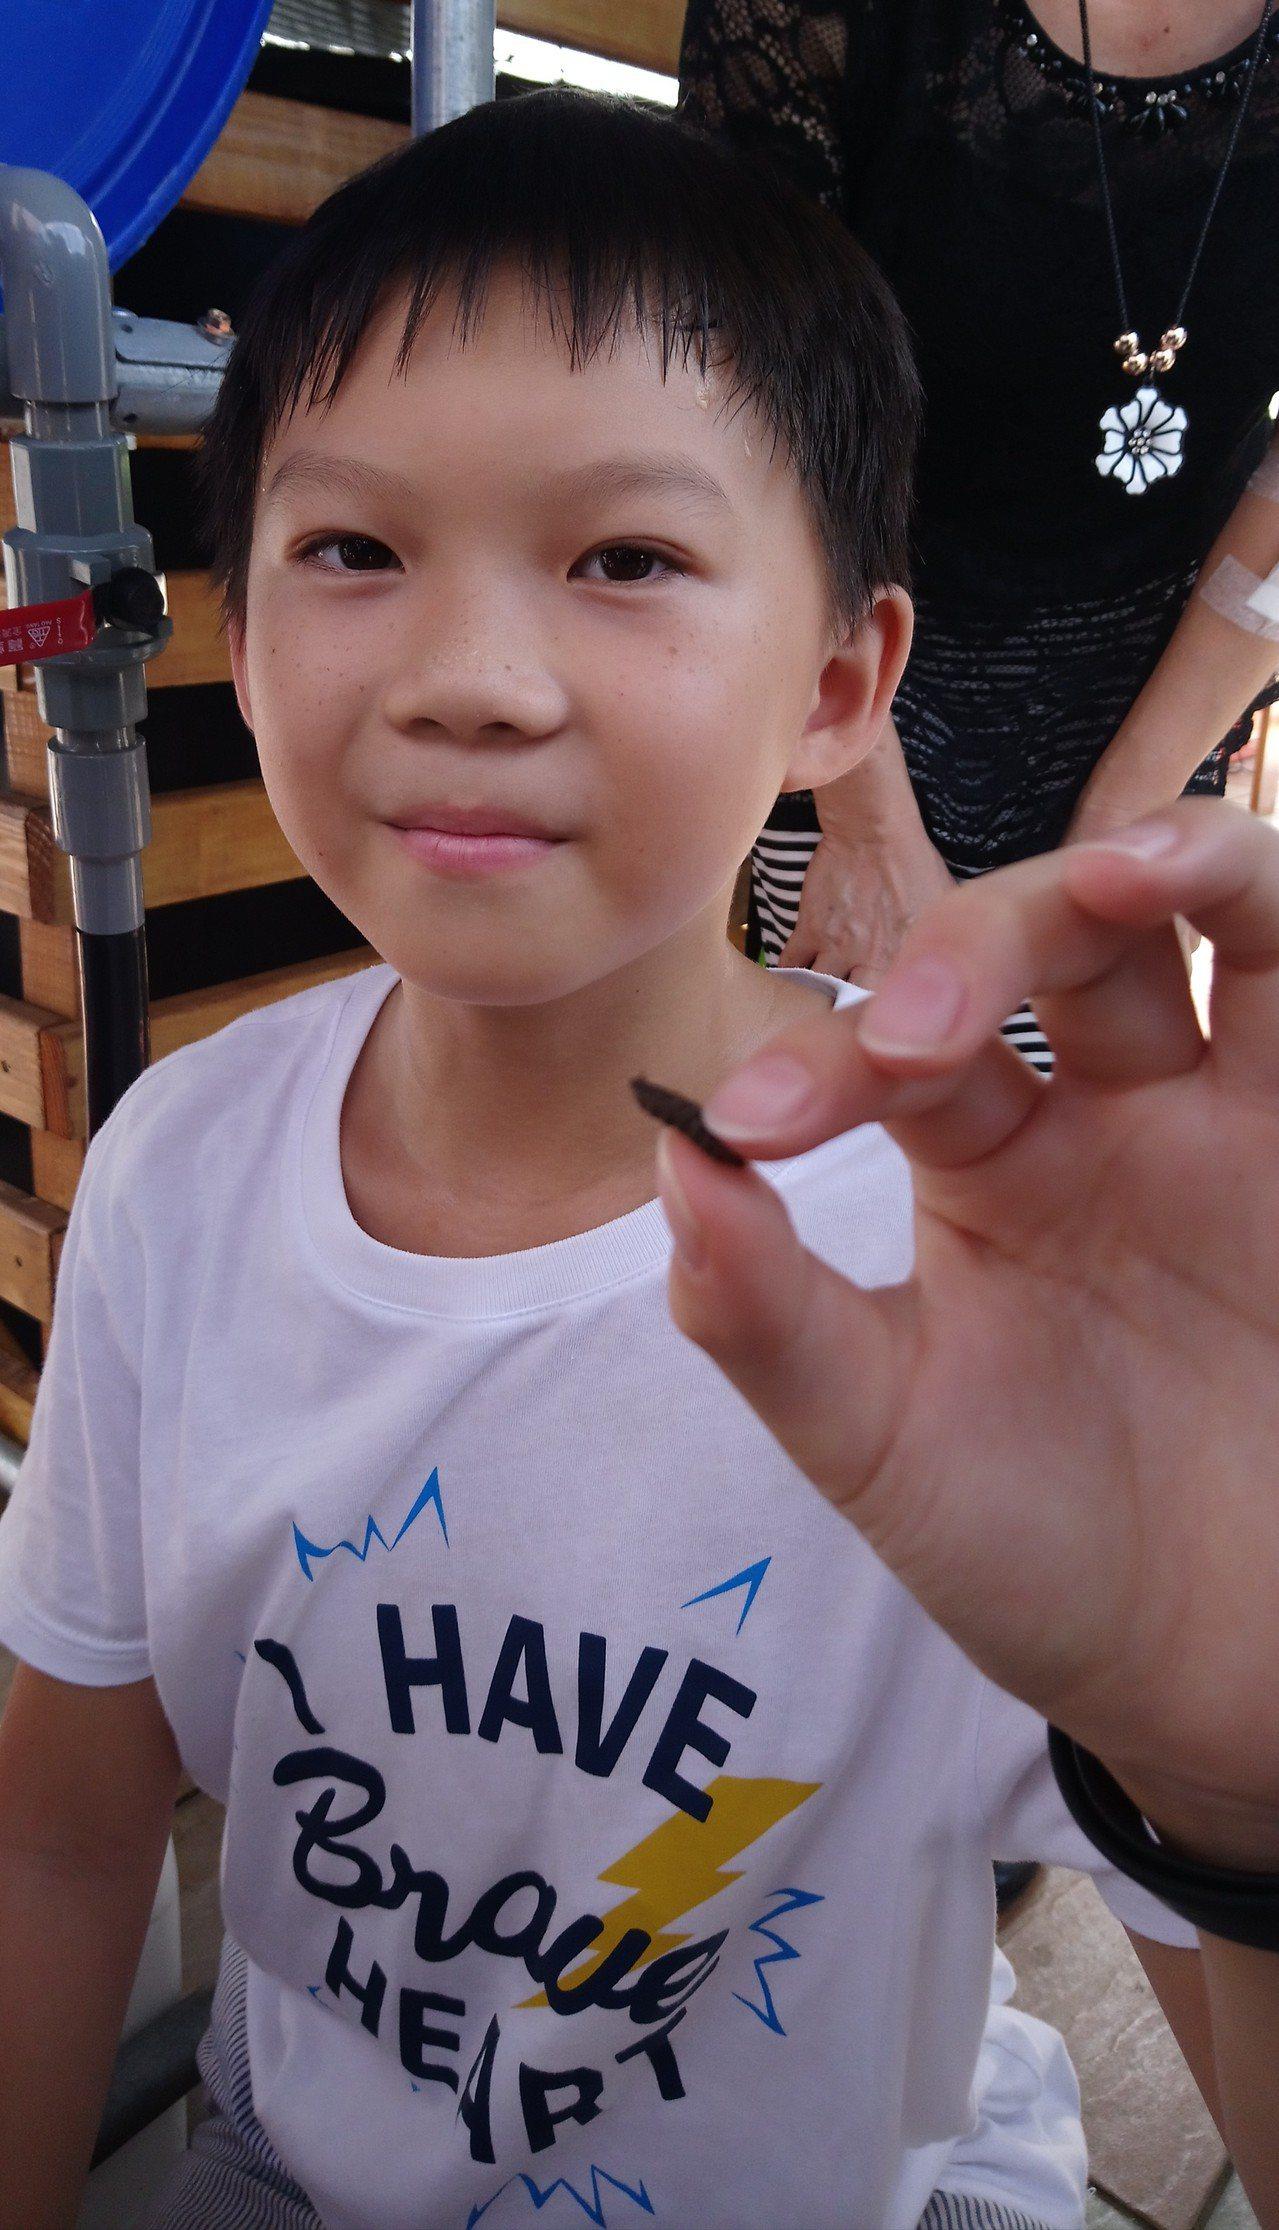 民和國小學童抓起黑水虻, 直言牠是廚餘好幫手。記者卜敏正/攝影